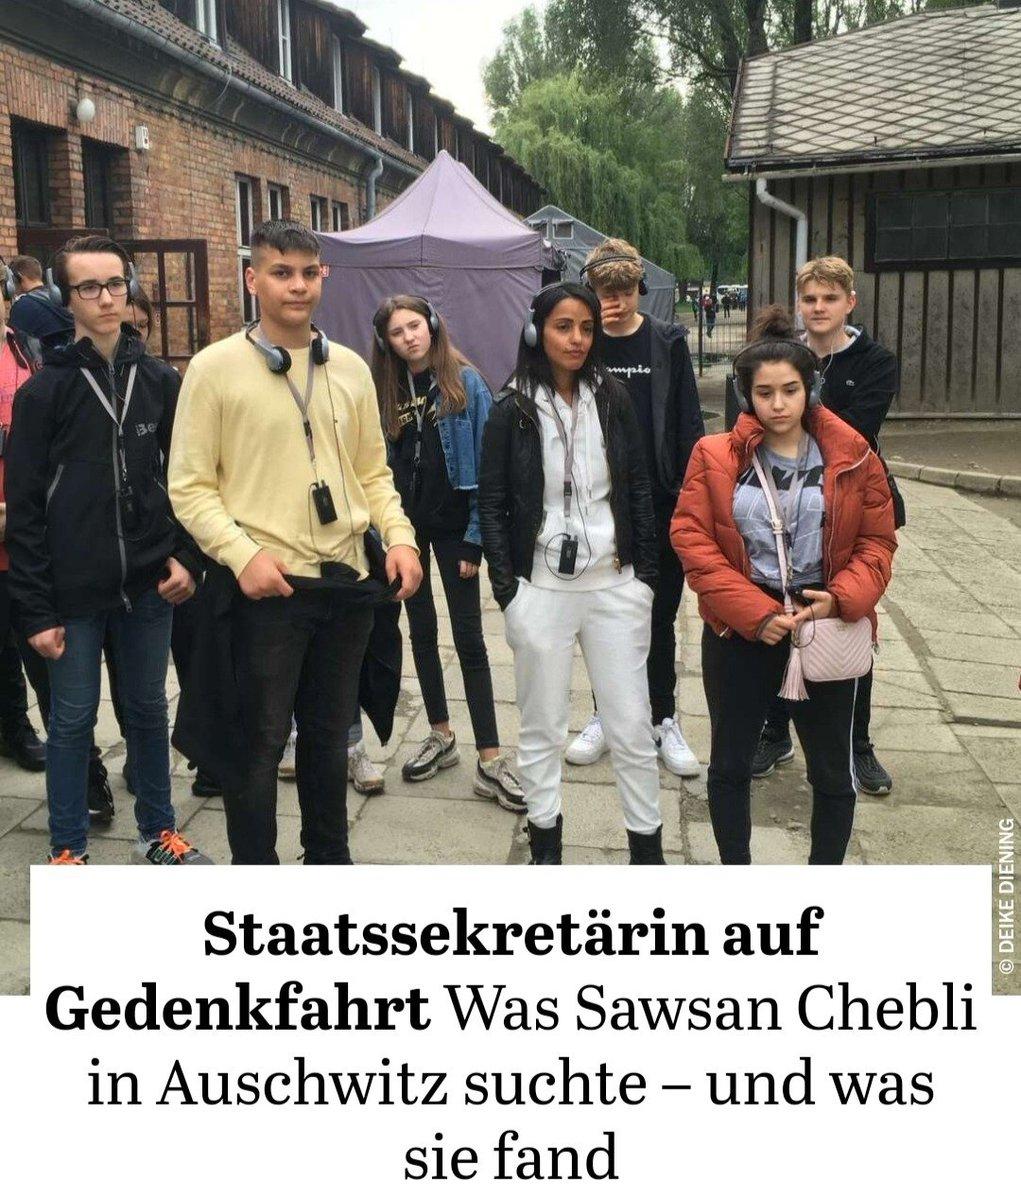 #ausschwitz